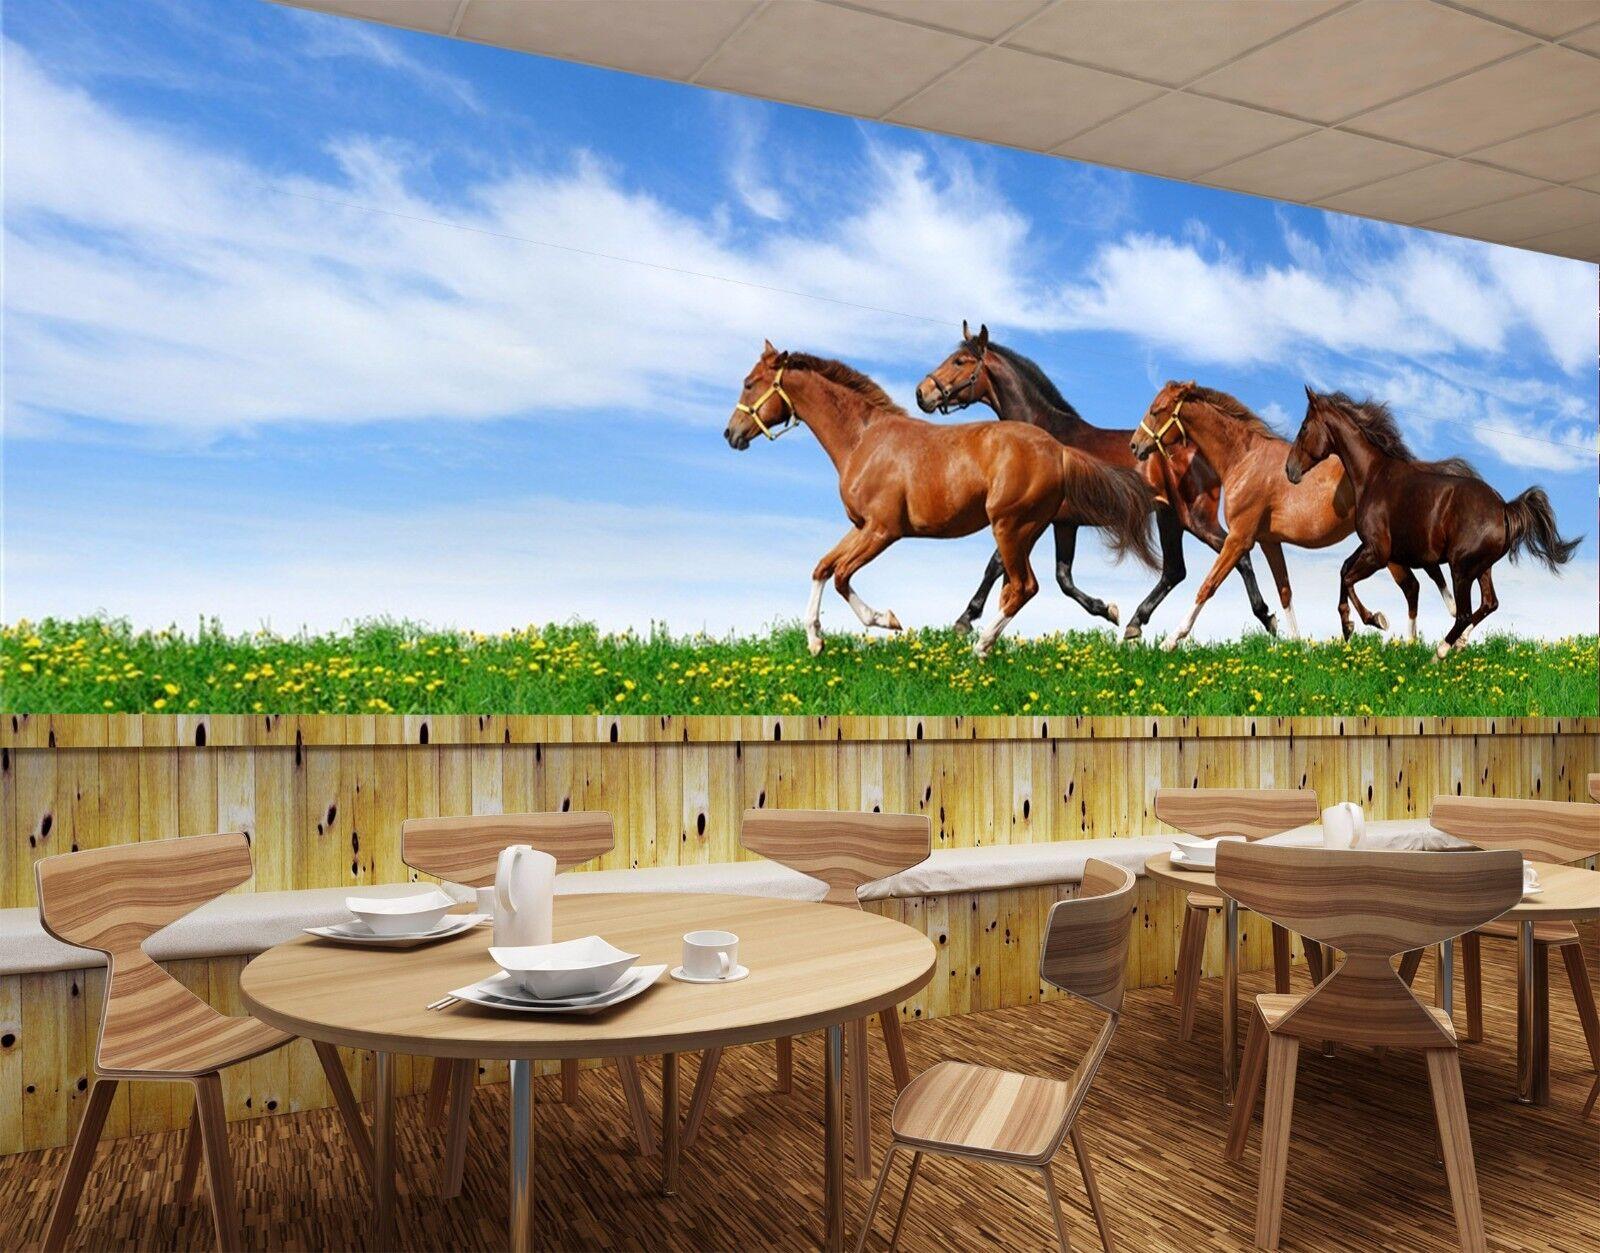 3D Grassland Horses 8974 Paper Wall Print Wall Decal Wall Deco Indoor Murals